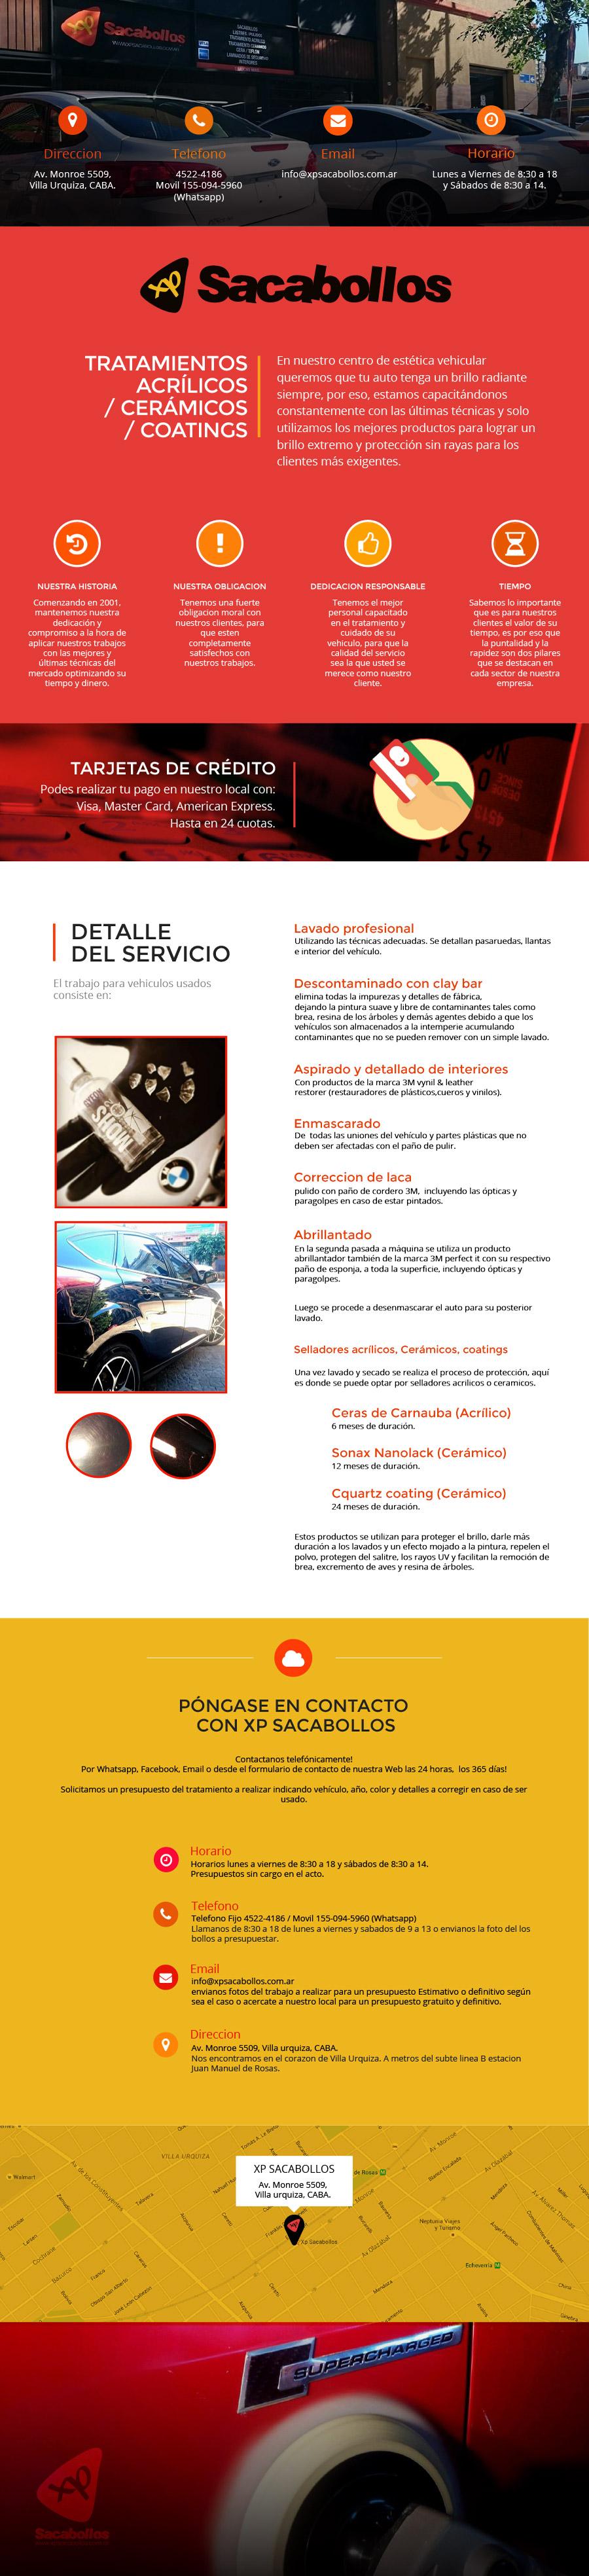 Lustres / Pulidos - Tratmiento acrilico / ceramico / telfón - Villa Urquiza